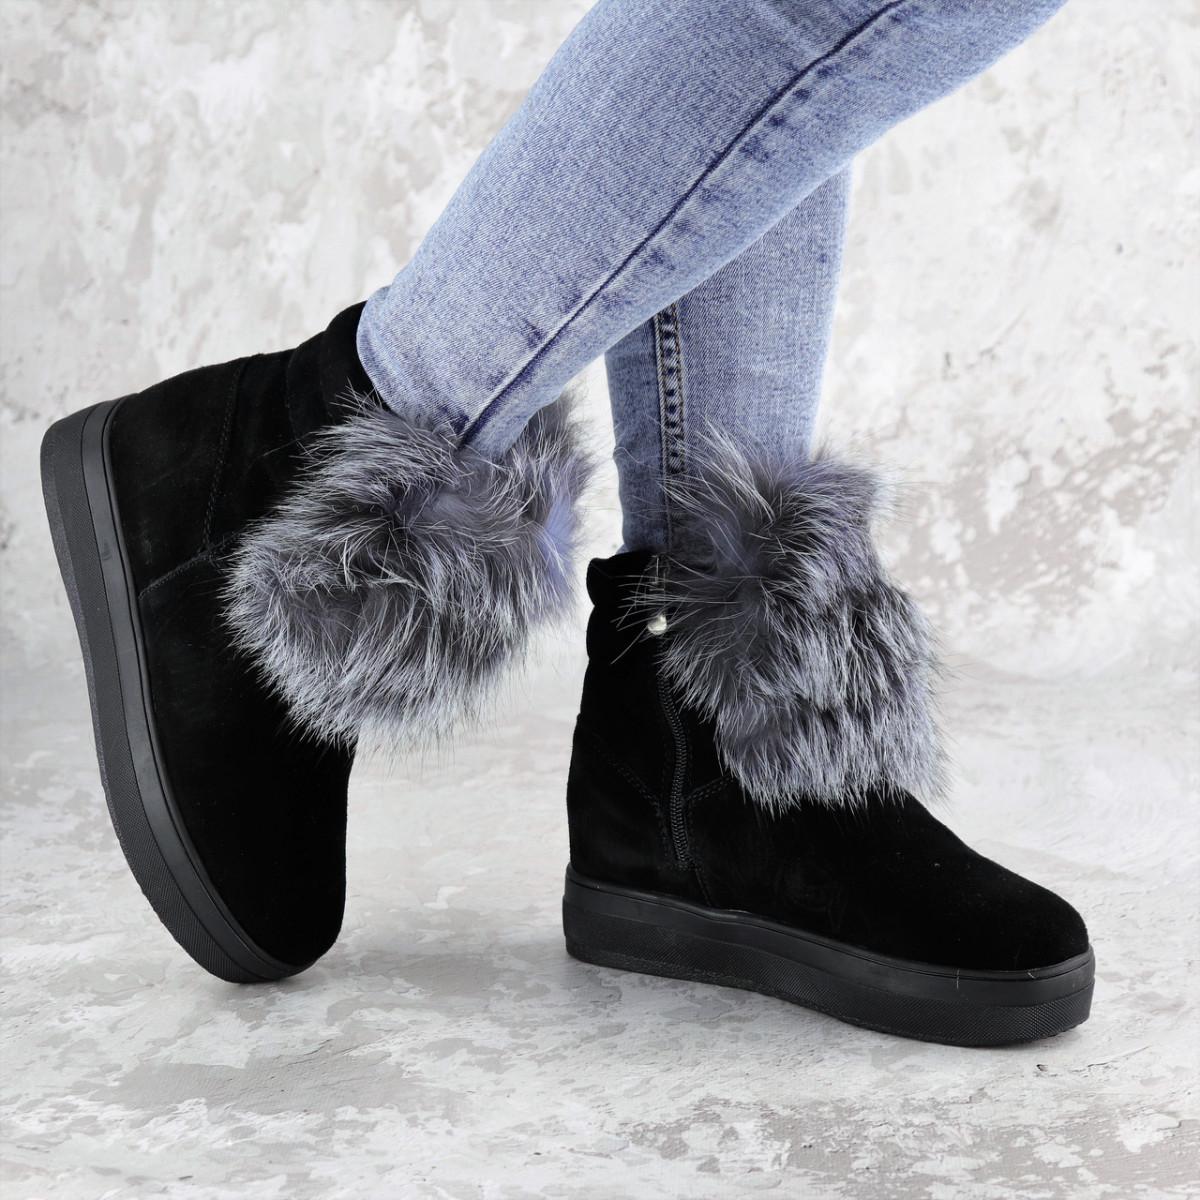 Женские зимние ботинки с мехом Fashion Loki 1358 37 размер 23,5 см Черный